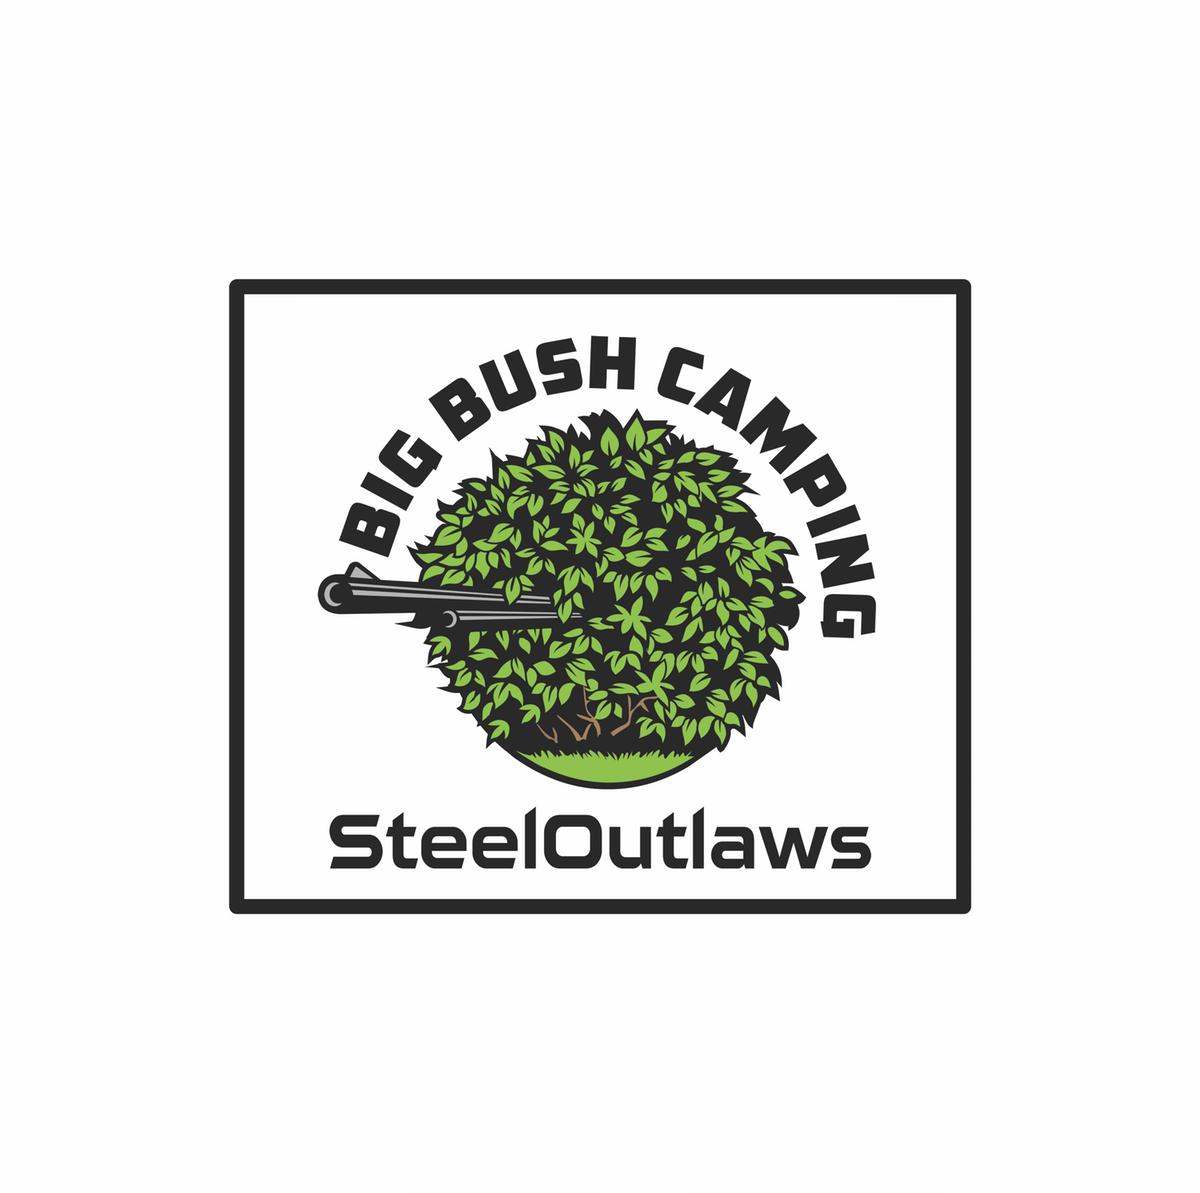 Big Bush Camping